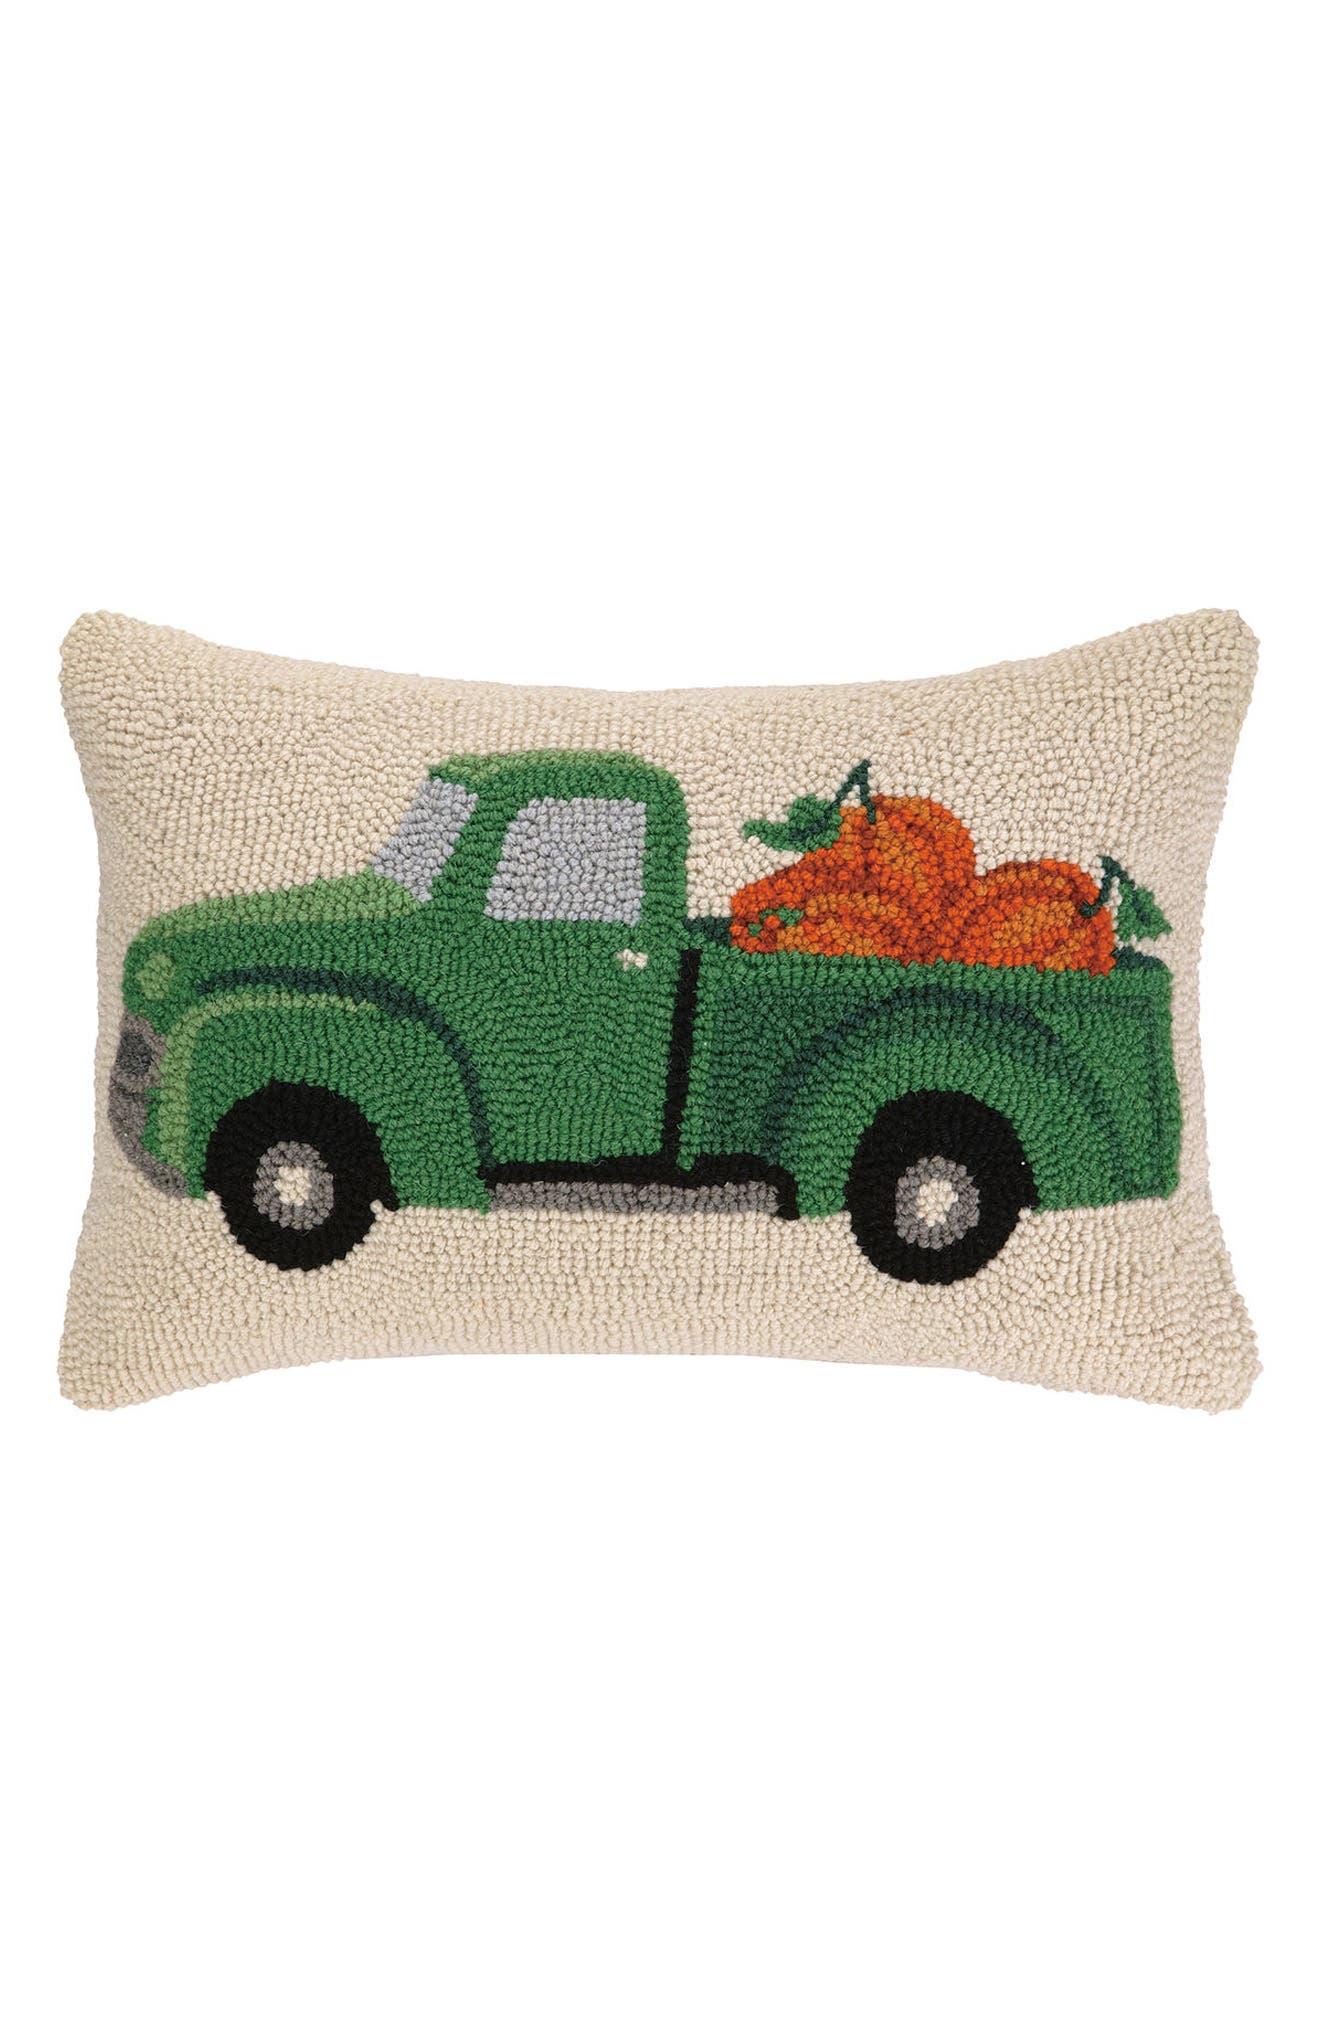 Peking Handicraft Fall Truck Accent Pillow